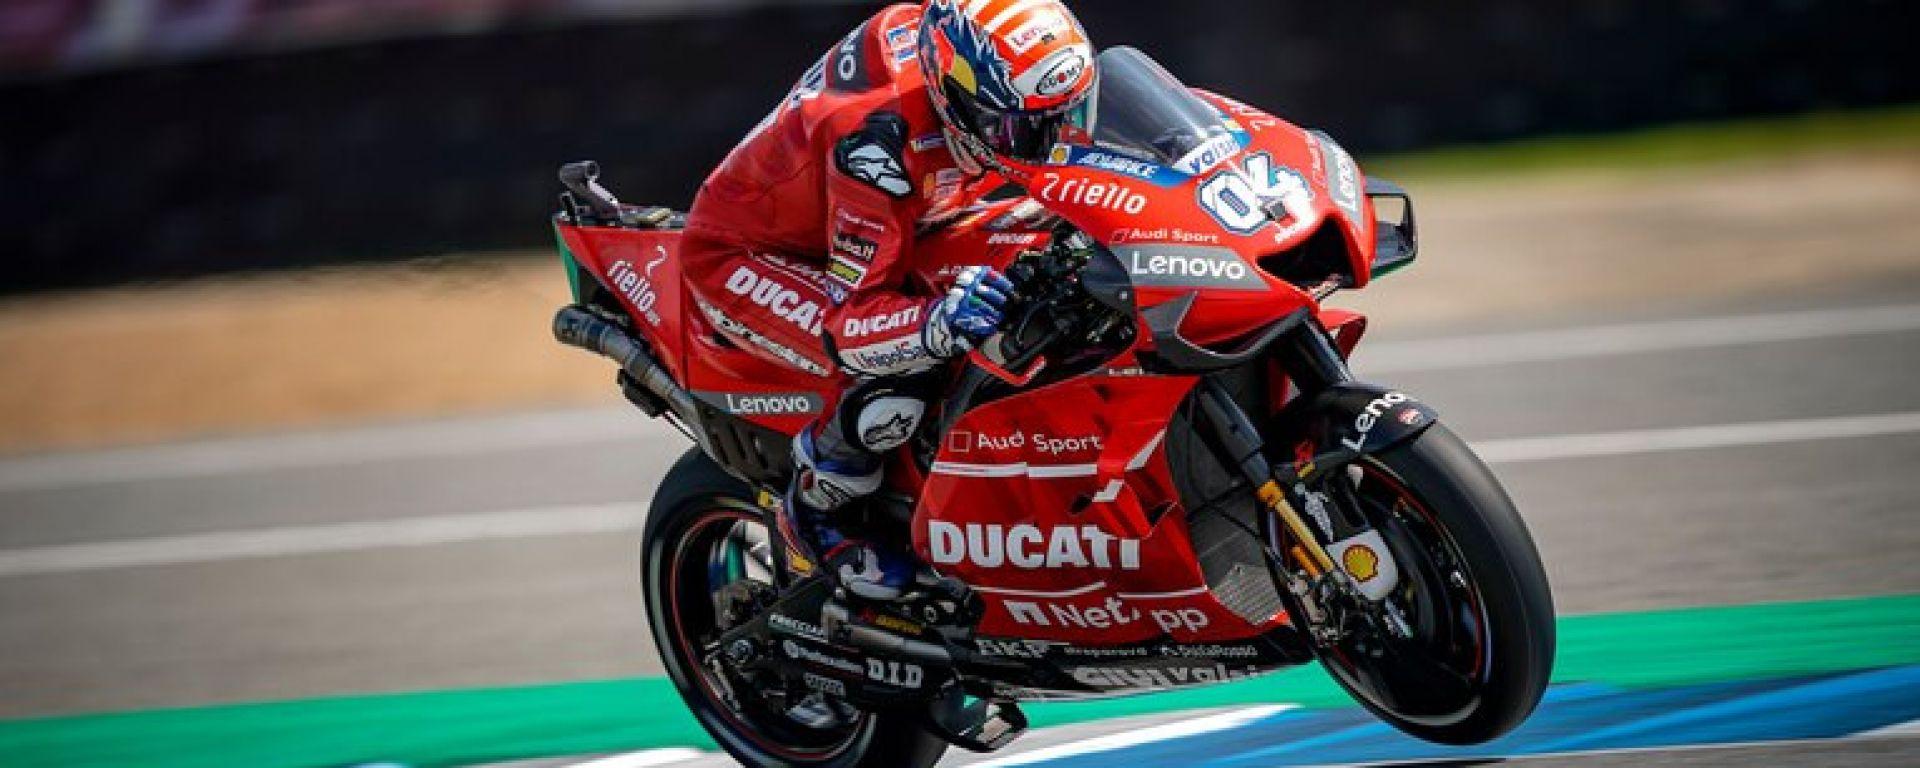 MotoGP, GP Thailandia 2019: Andrea Dovizioso (Ducati)